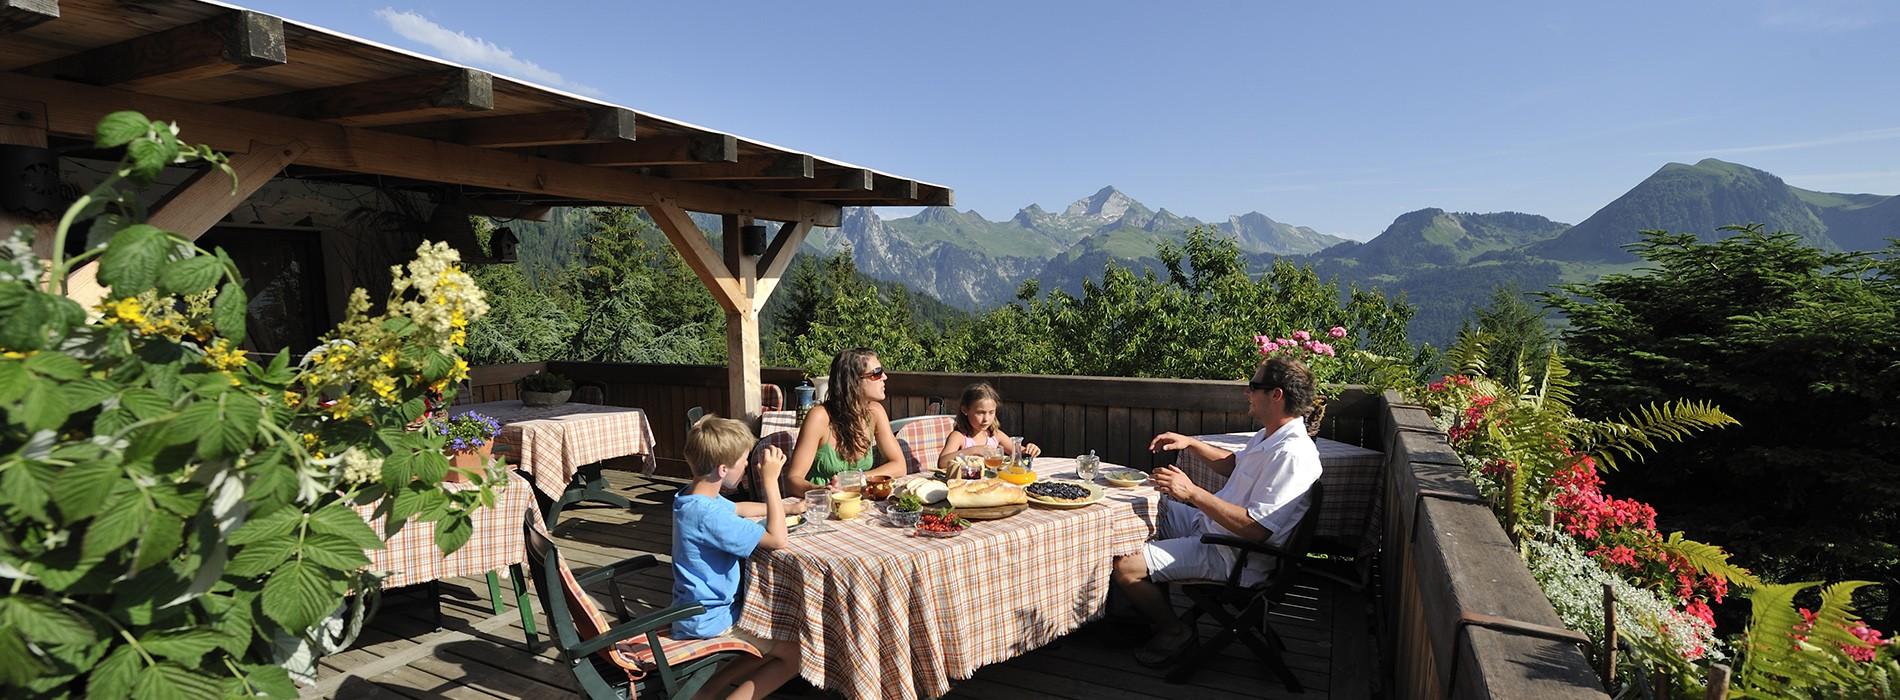 Gastronomie, Entspannung und Rundumblick über unsere Gebirge !